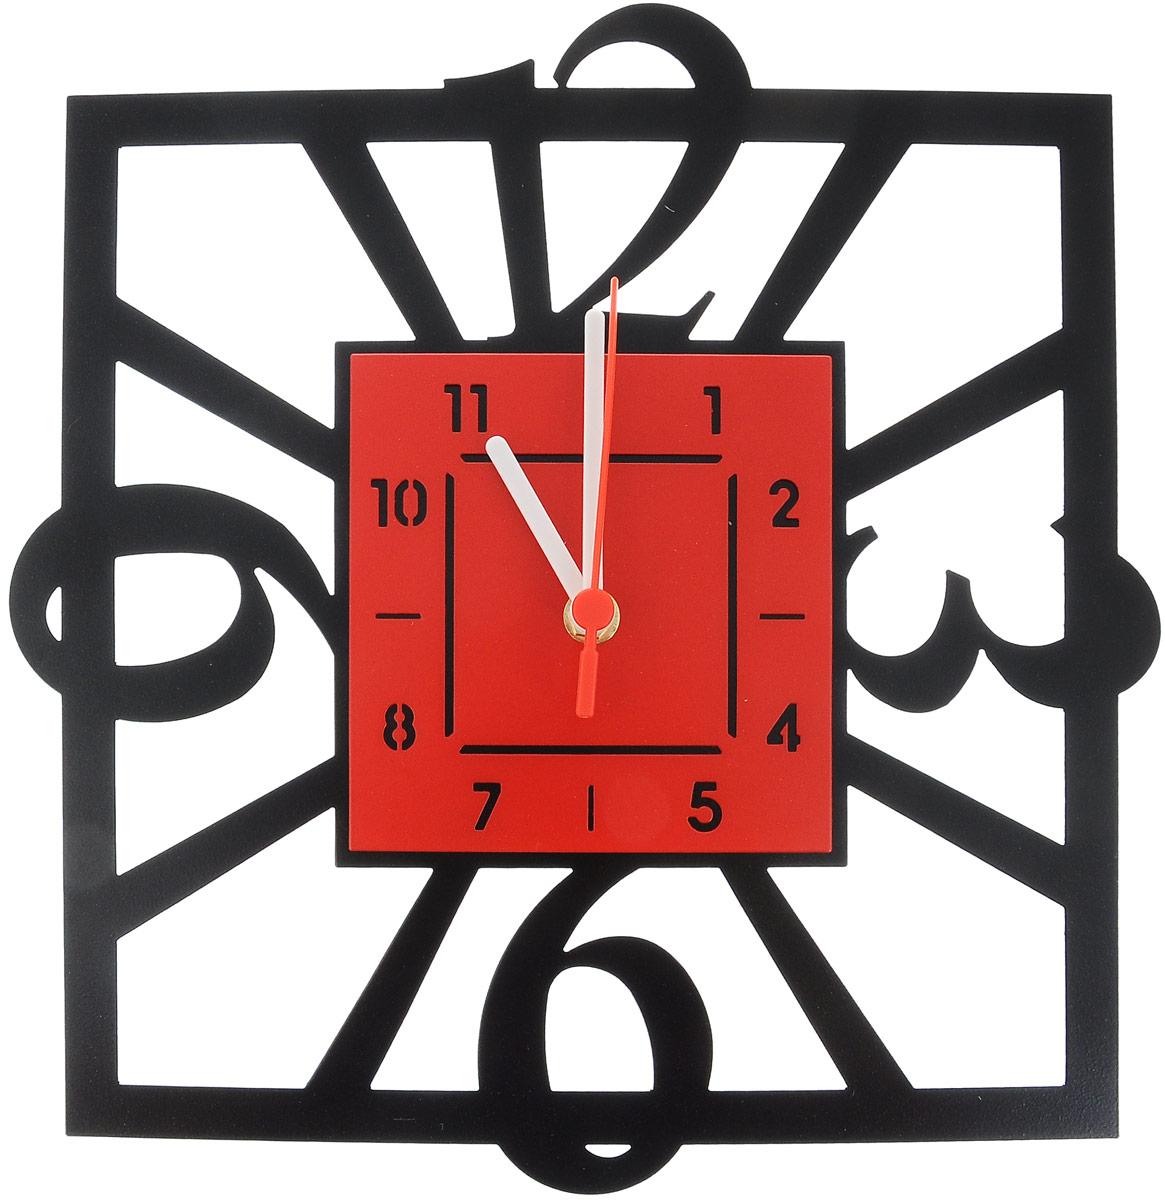 Часы настенные Miolla Квадратные, цвет: черный, красныйCH012_черный, красныйОригинальные настенные часы Miolla квадратной формы выполнены из стали. Часыимеют три стрелки - часовую, минутную и секундную и циферблат с цифрами.Необычное дизайнерское решение и качество исполнения придутся по вкусукаждому. Оформите свой дом таким интерьерным аксессуаром или преподнесите его вкачестве презента друзьям, и они оценят ваш оригинальный вкус инеординарность подарка. Размер часов: 29 х 30 см. Часы работают от 1 батарейки типа АА напряжением 1,5 В (в комплект не входит).